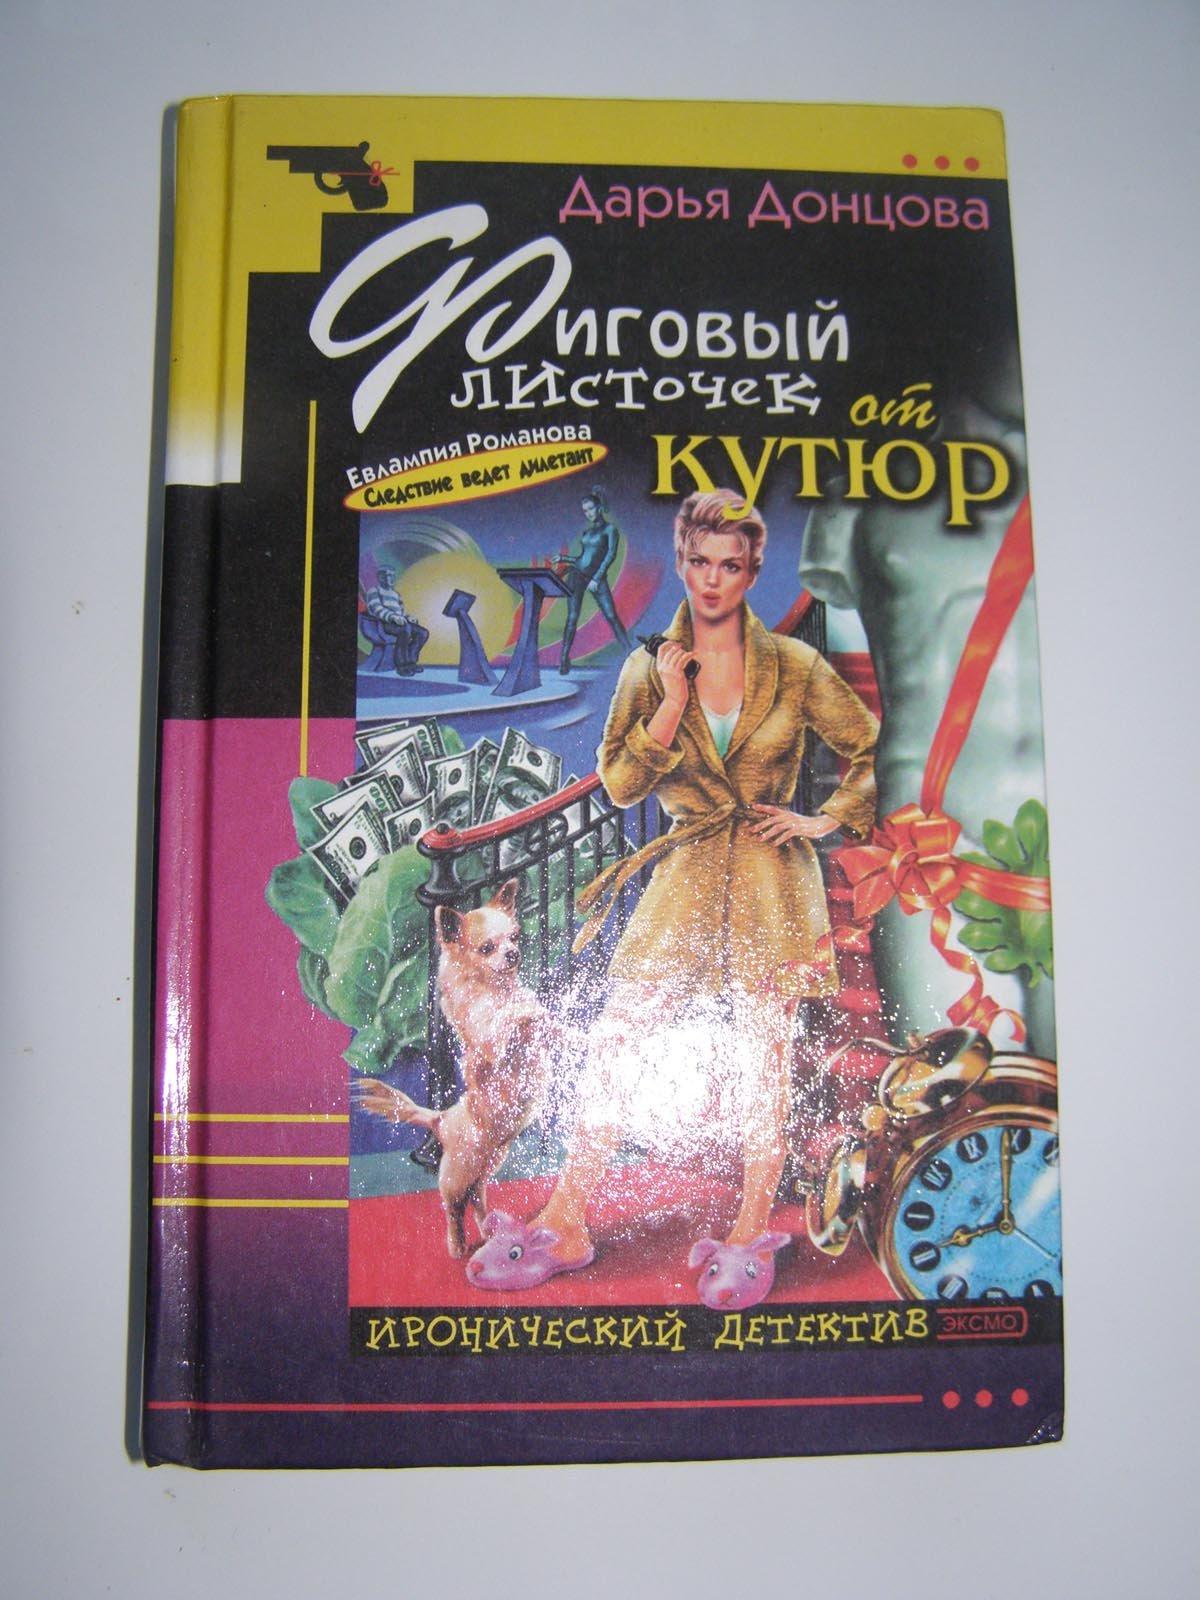 Читать онлайн - Донцова Дарья. Подарок небес Электронная библиотека 67